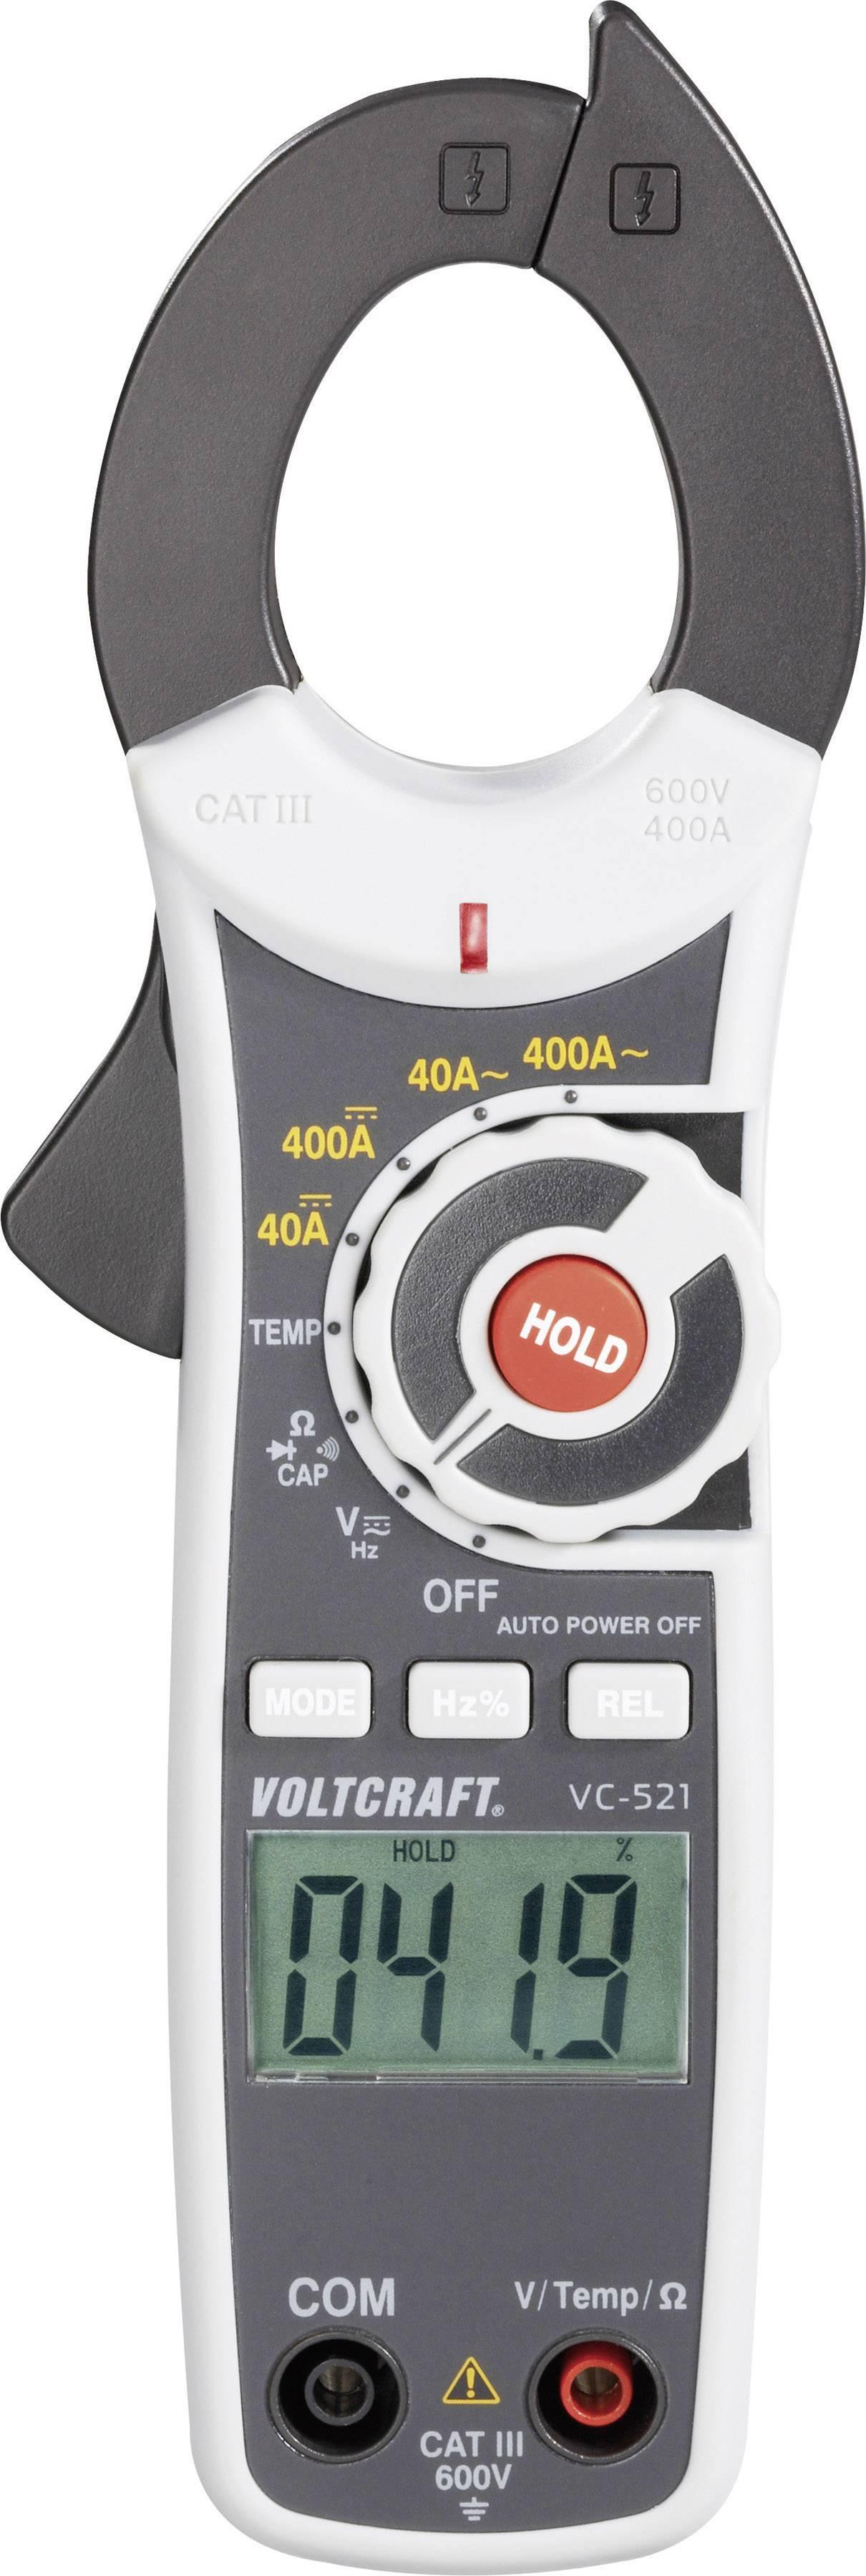 Kompaktní klešťový multimetr Voltcraft VC-521, AC/DC